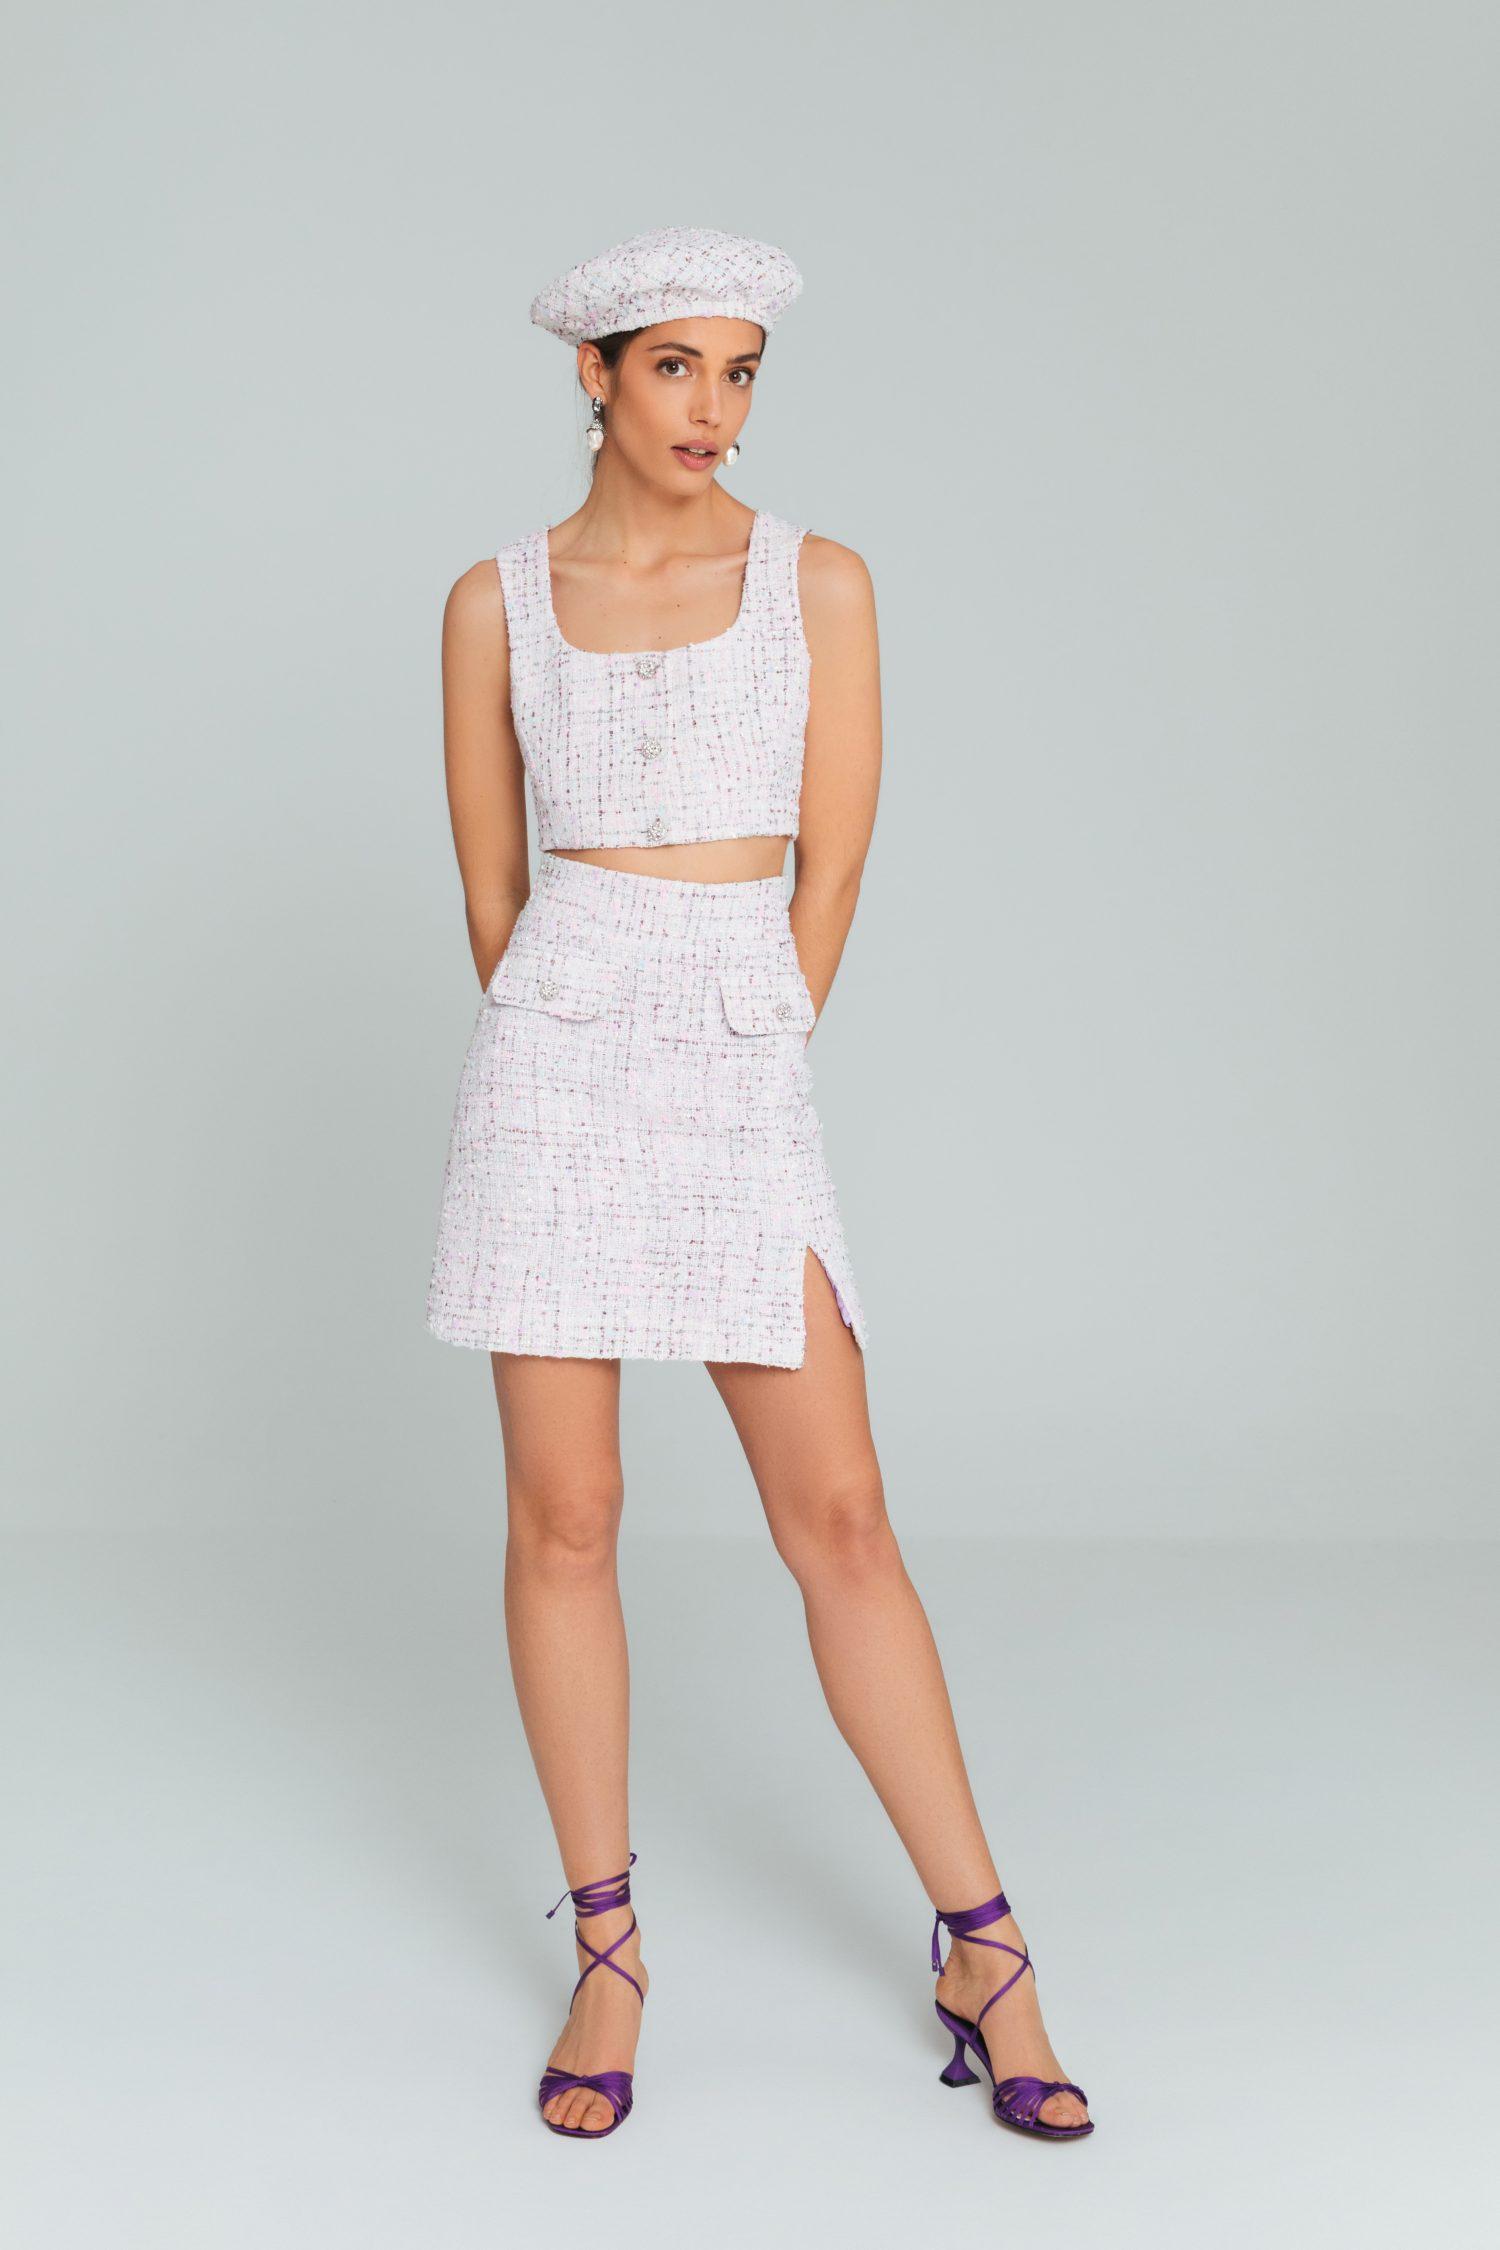 Modelo com boina, crop top e saia curta brancos em tweed da estilista Elsa Barreto.